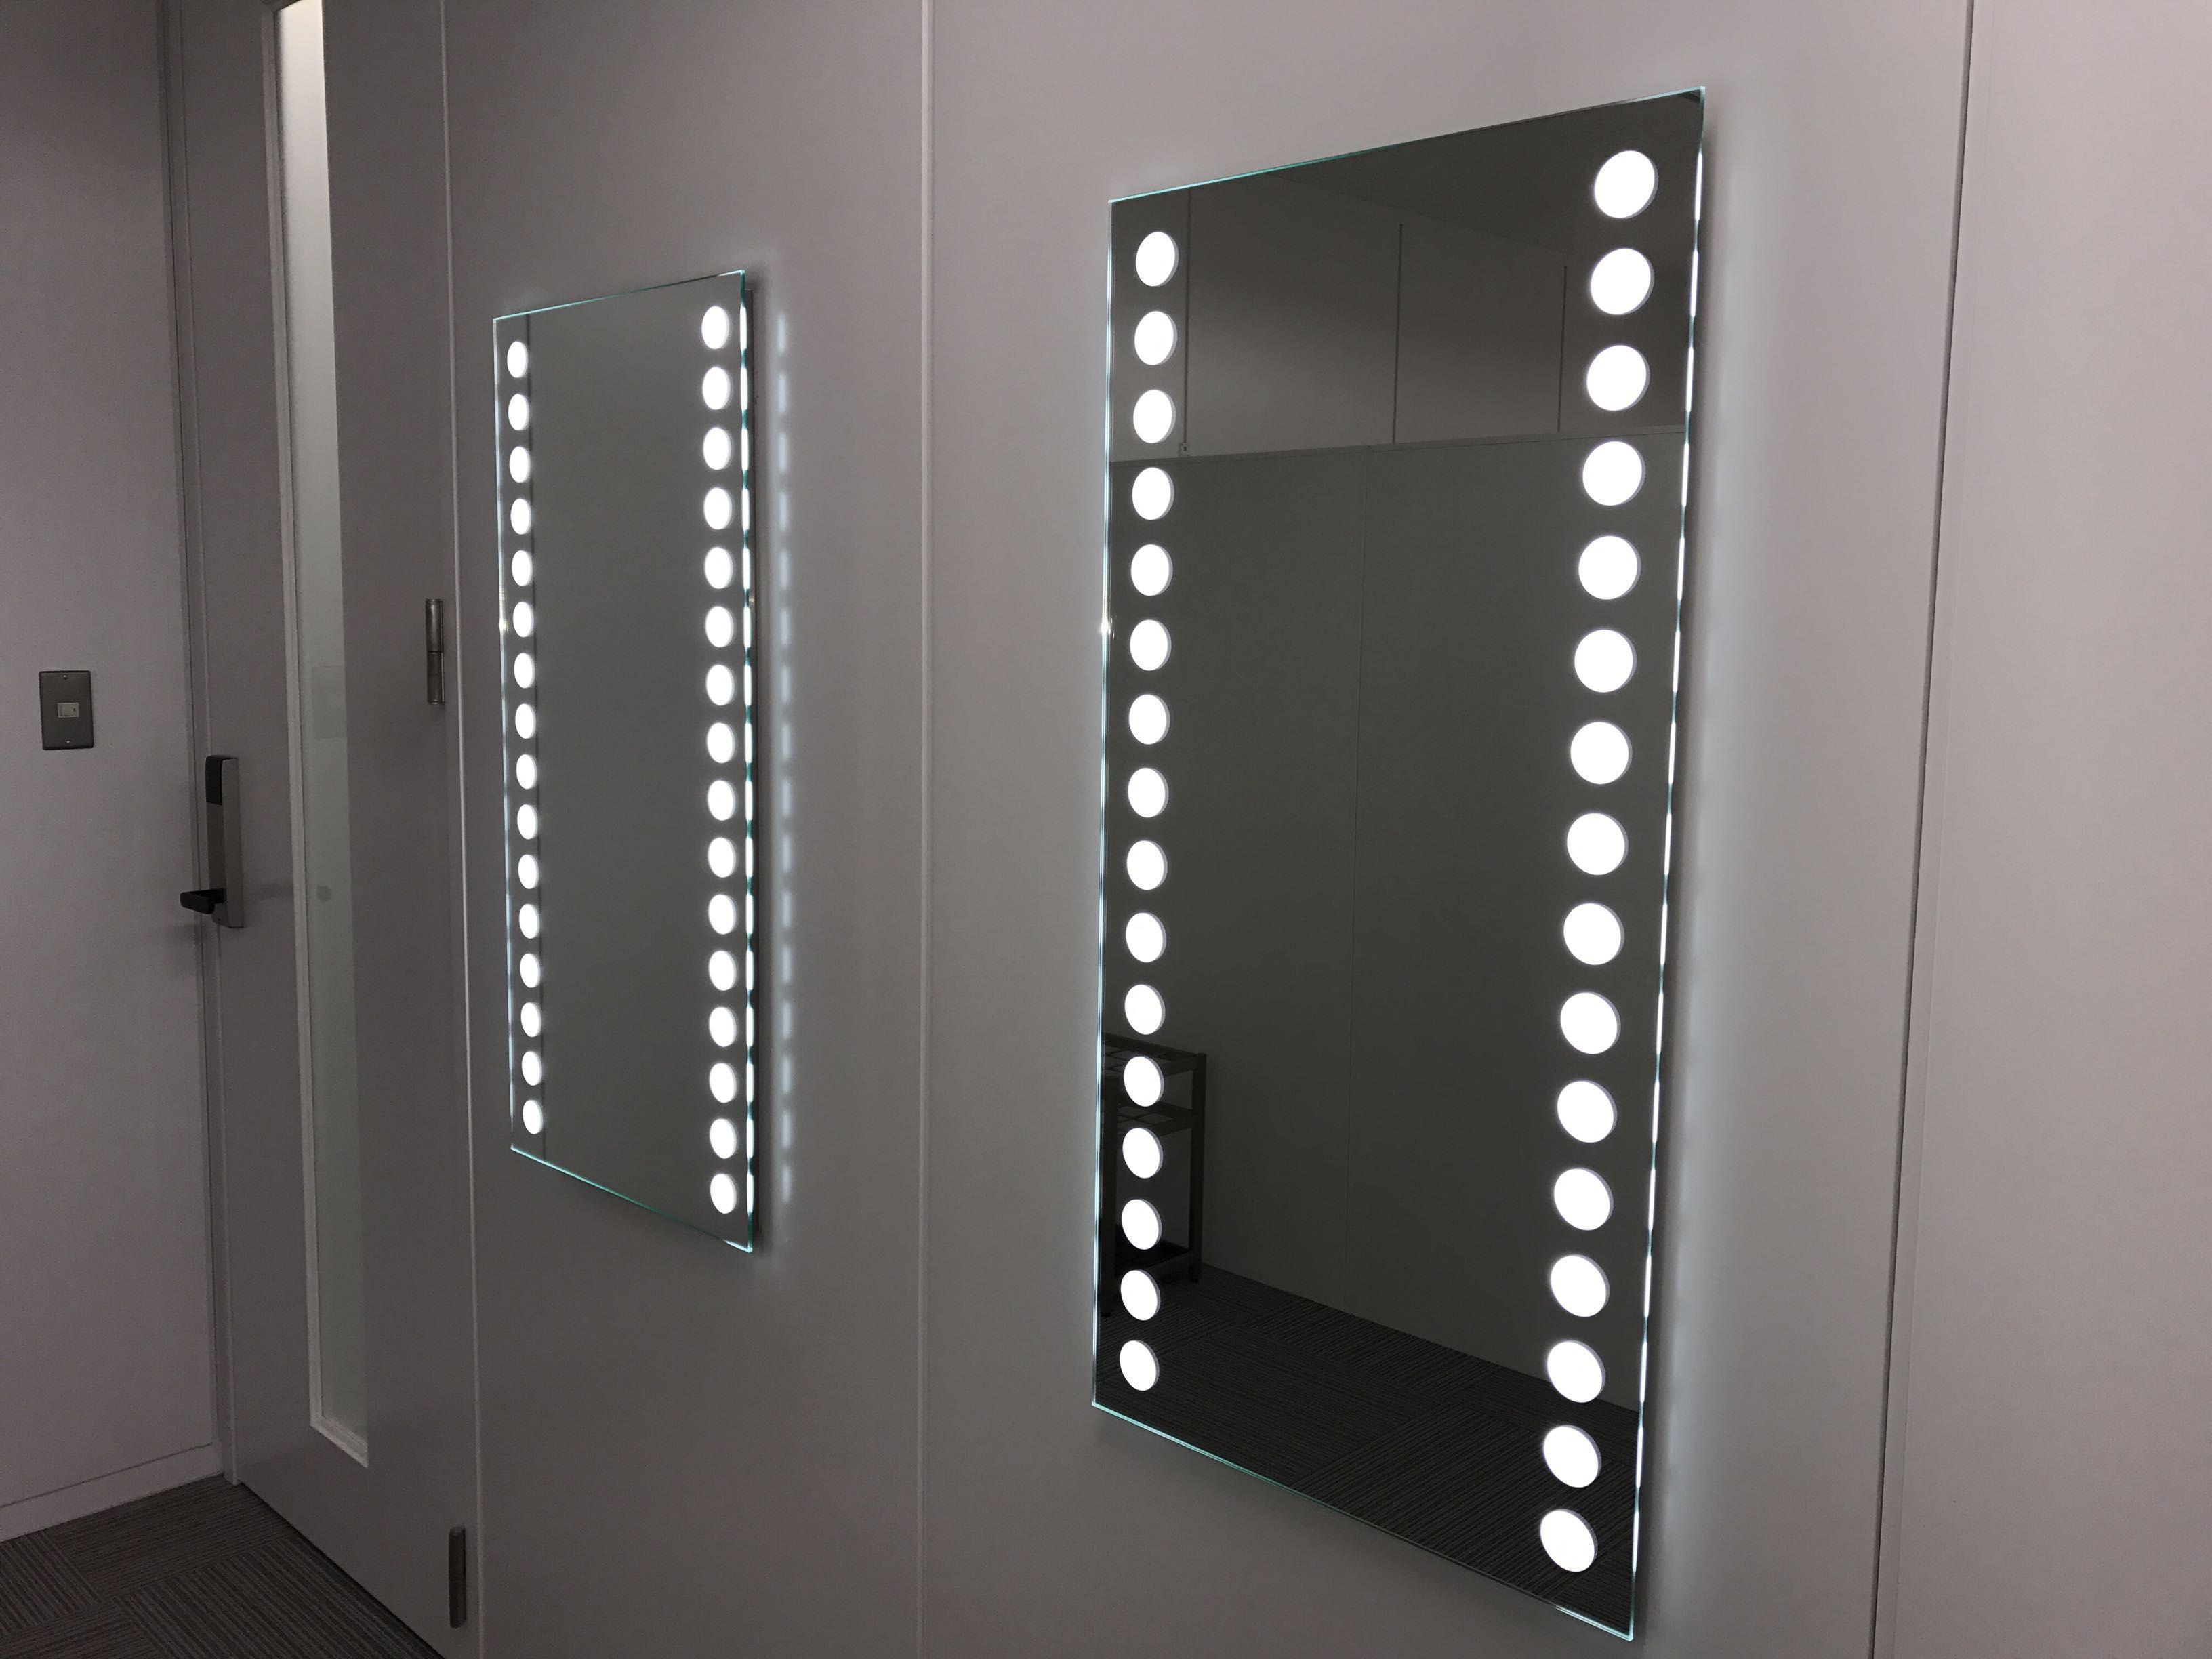 鏡照明 Led フレーム無し サークルタイプ 照明付きミラー ライト付きミラー ハリウッドミラー 鏡照明 Led